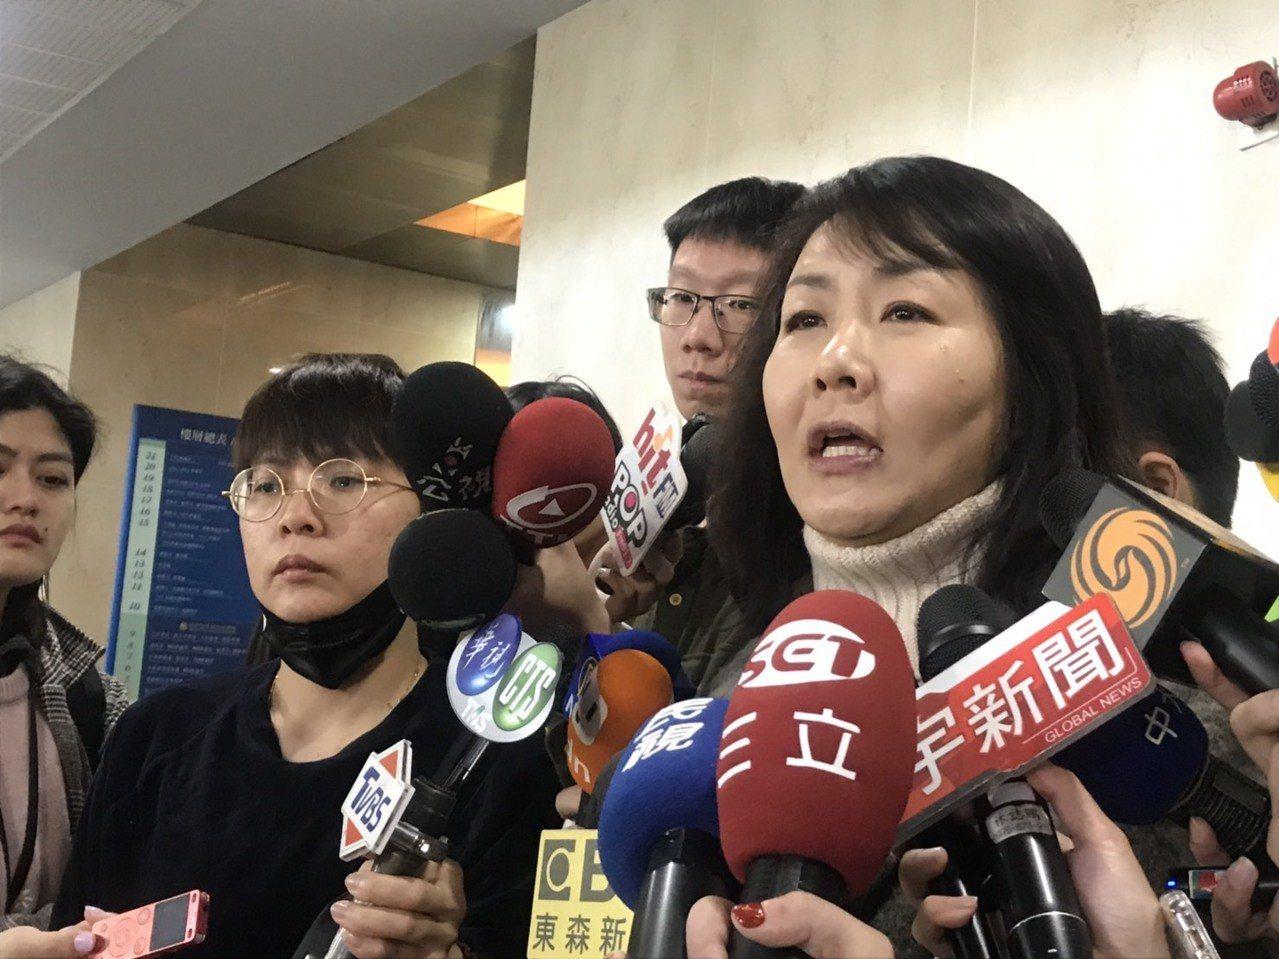 機師工會罷工進入第五天,機師工會常務理事陳蓓蓓表示,以平均一位機師一天薪資是1萬...